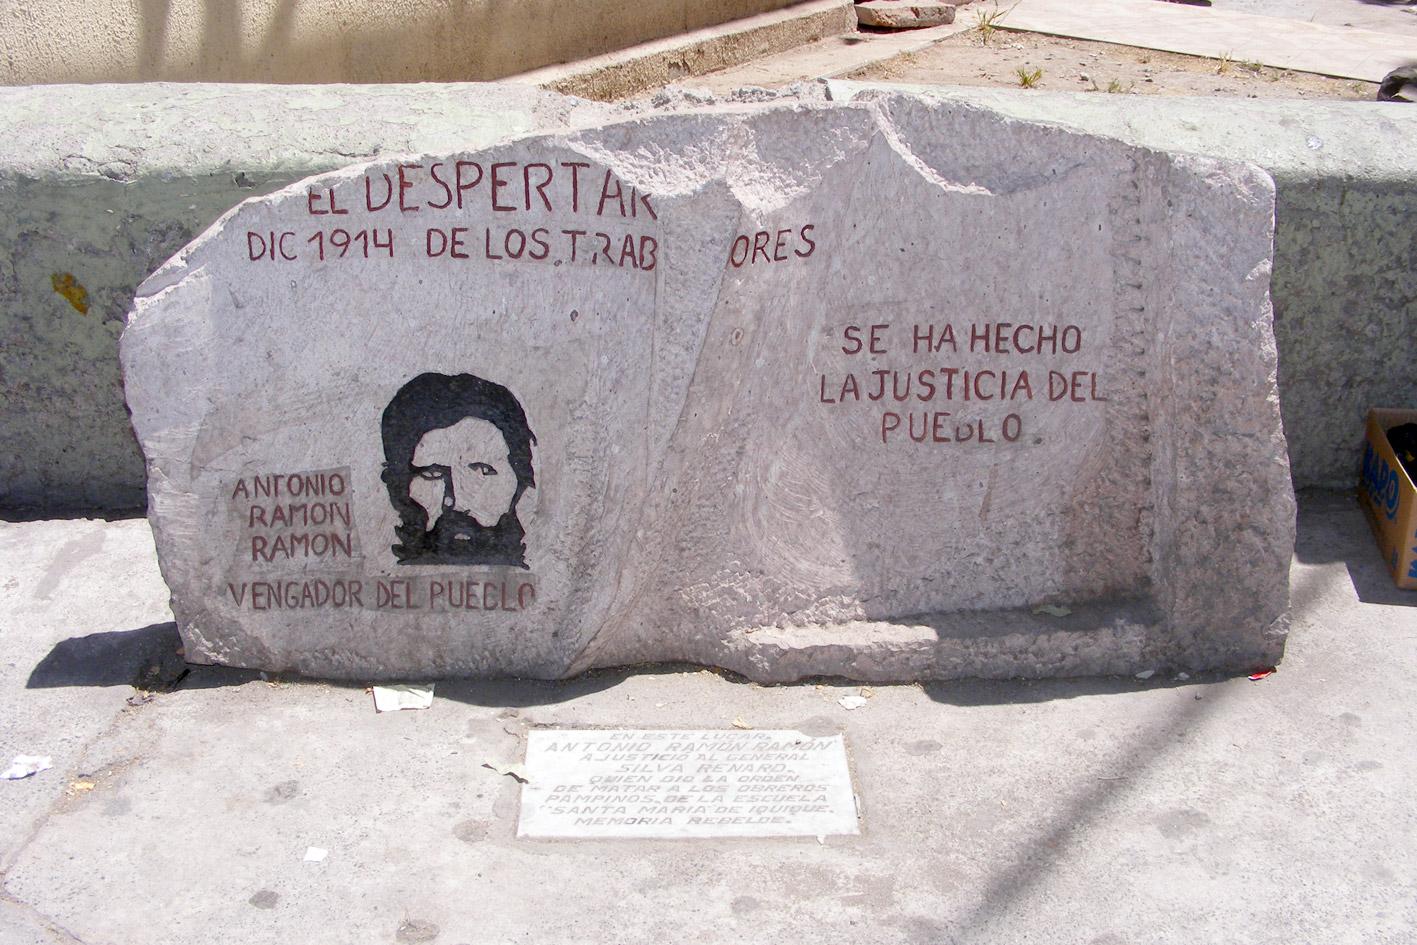 Un día en el Chile de 1907: La masacre de Santa María de Iquique parte II: La venganza | ElAntro